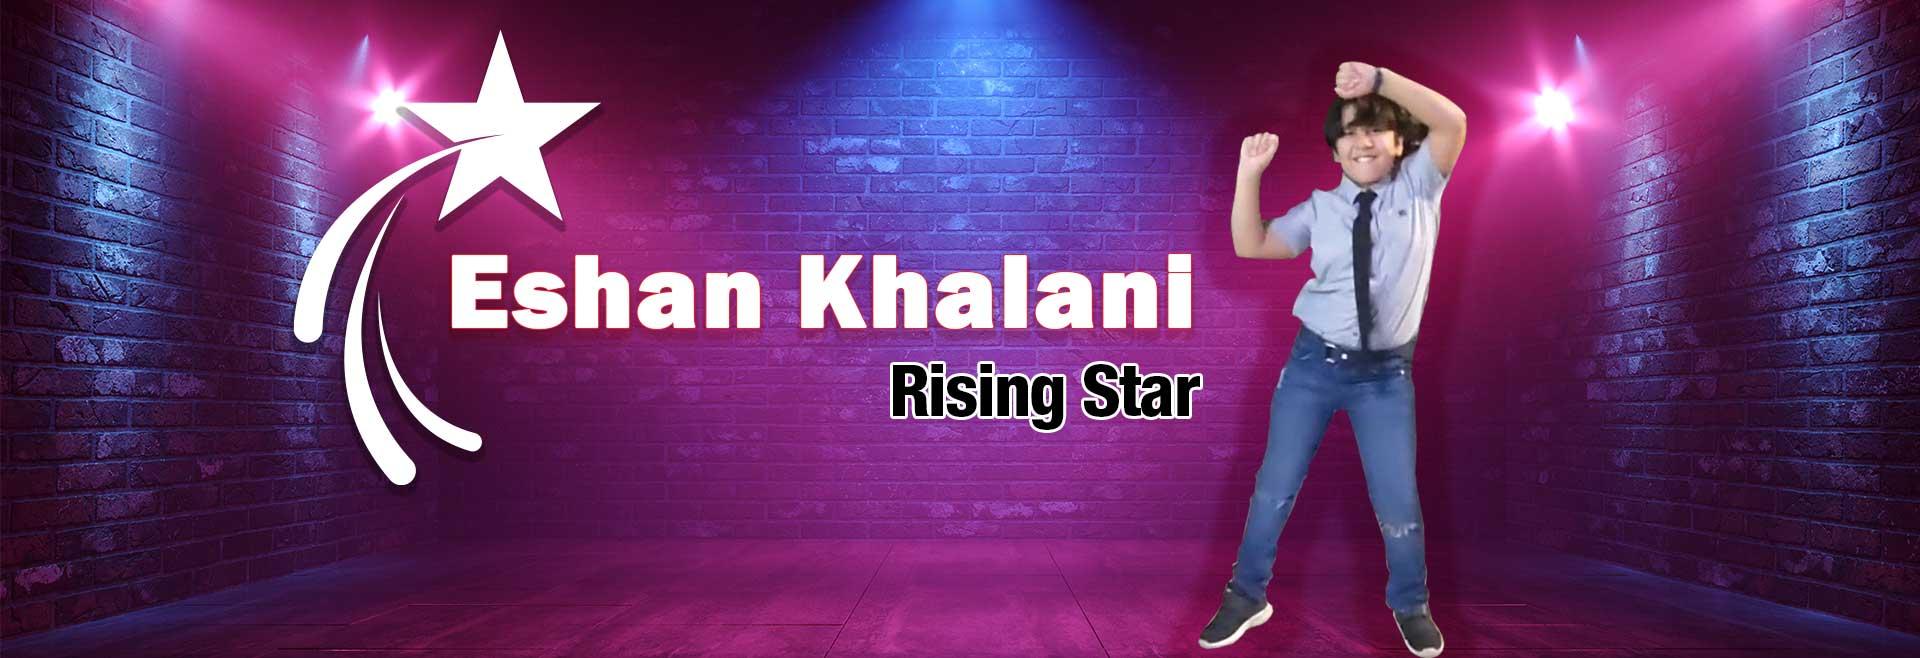 Eshan Khalani